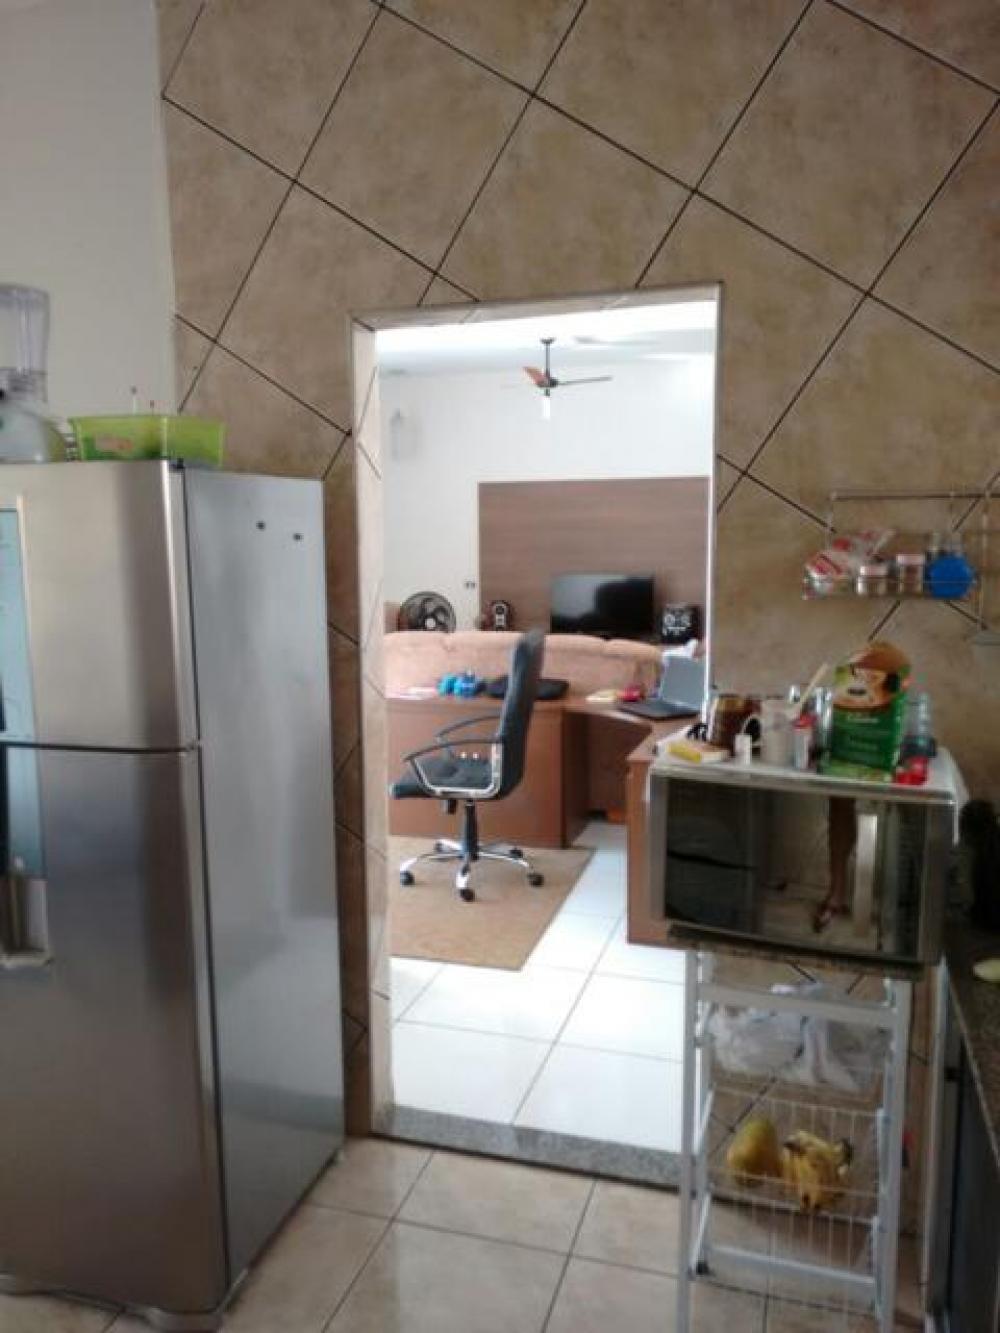 Comprar Casa / Padrão em Mirassol apenas R$ 280.000,00 - Foto 3